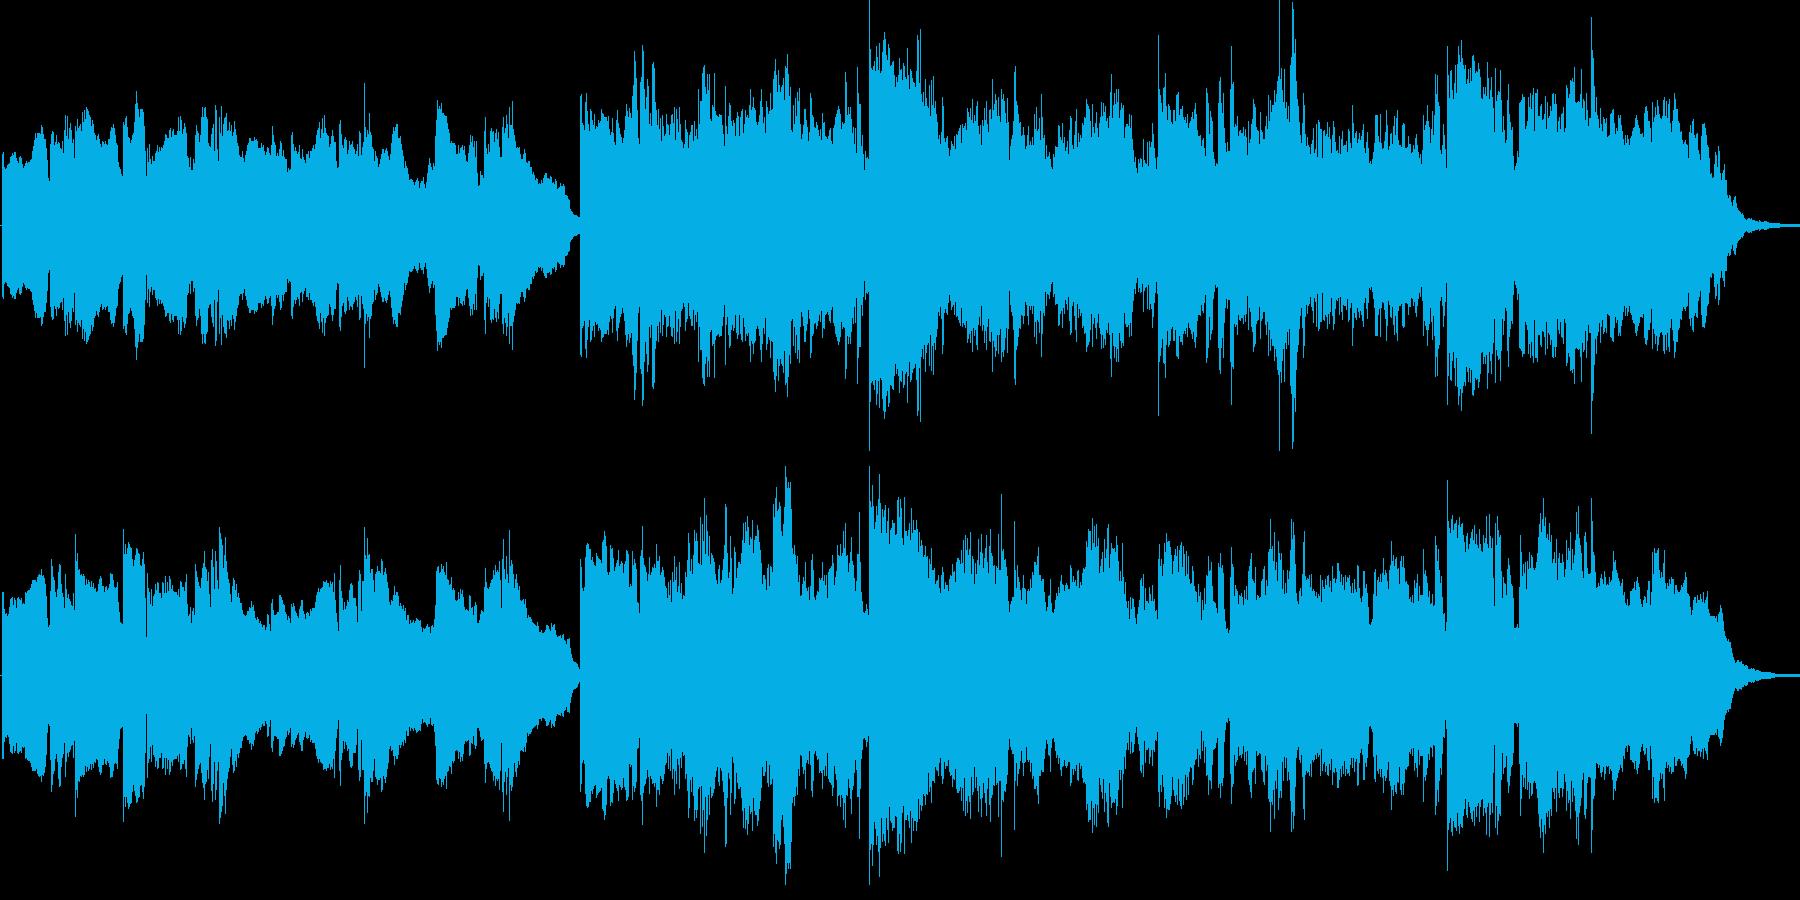 郷愁を感じるスローでダイナミックなBGMの再生済みの波形